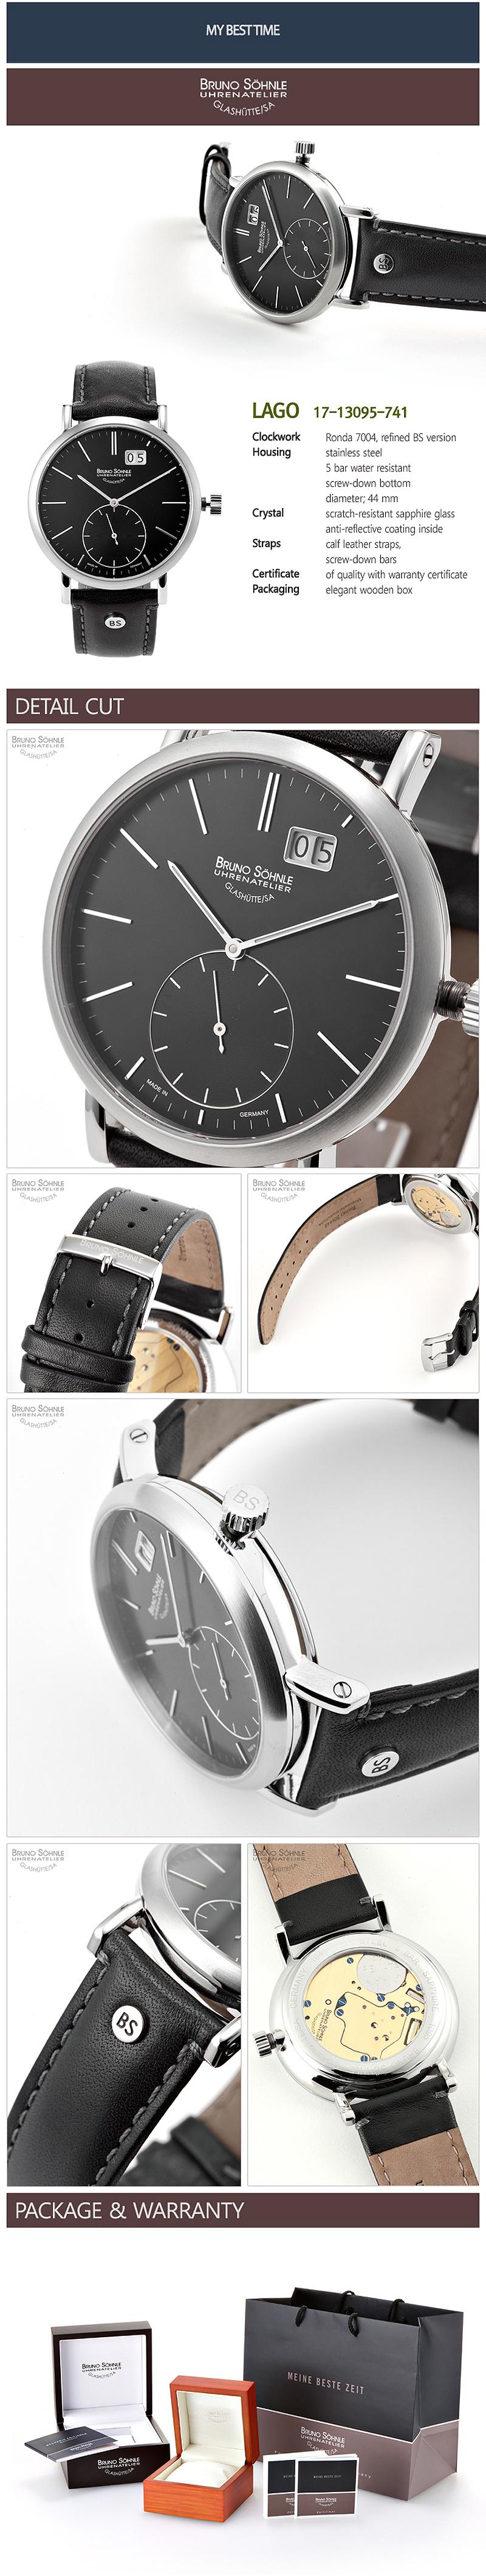 LAGO 17-13095-741 - 브루노쇤르, 1,006,000원, 남성시계, 가죽시계